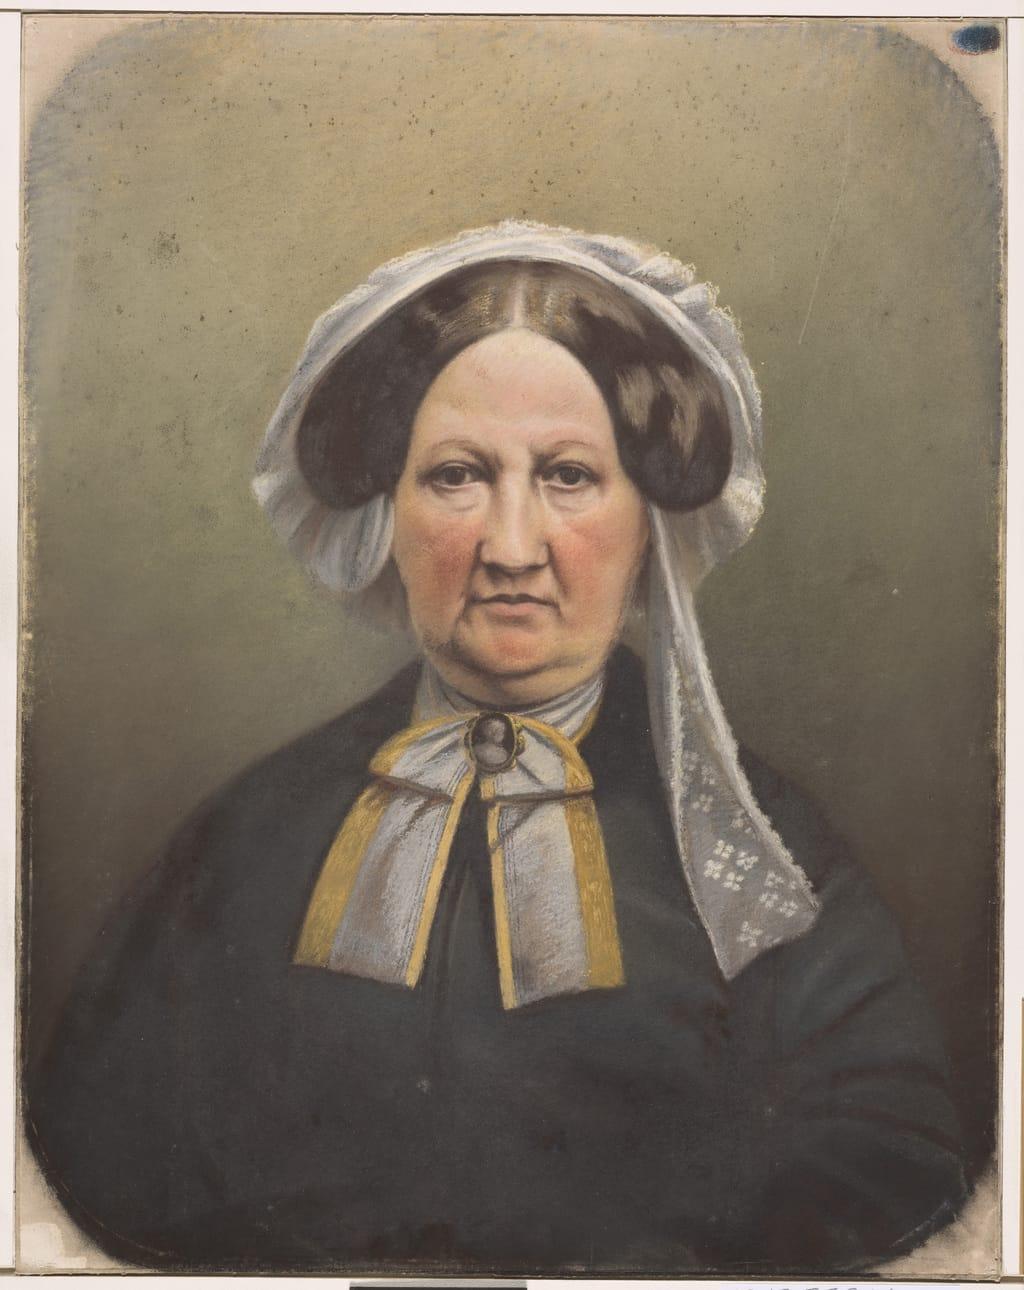 Portrait posthume de madame Louis-Joseph Papineau, née Julie Bruneau, d'après une carte de visite